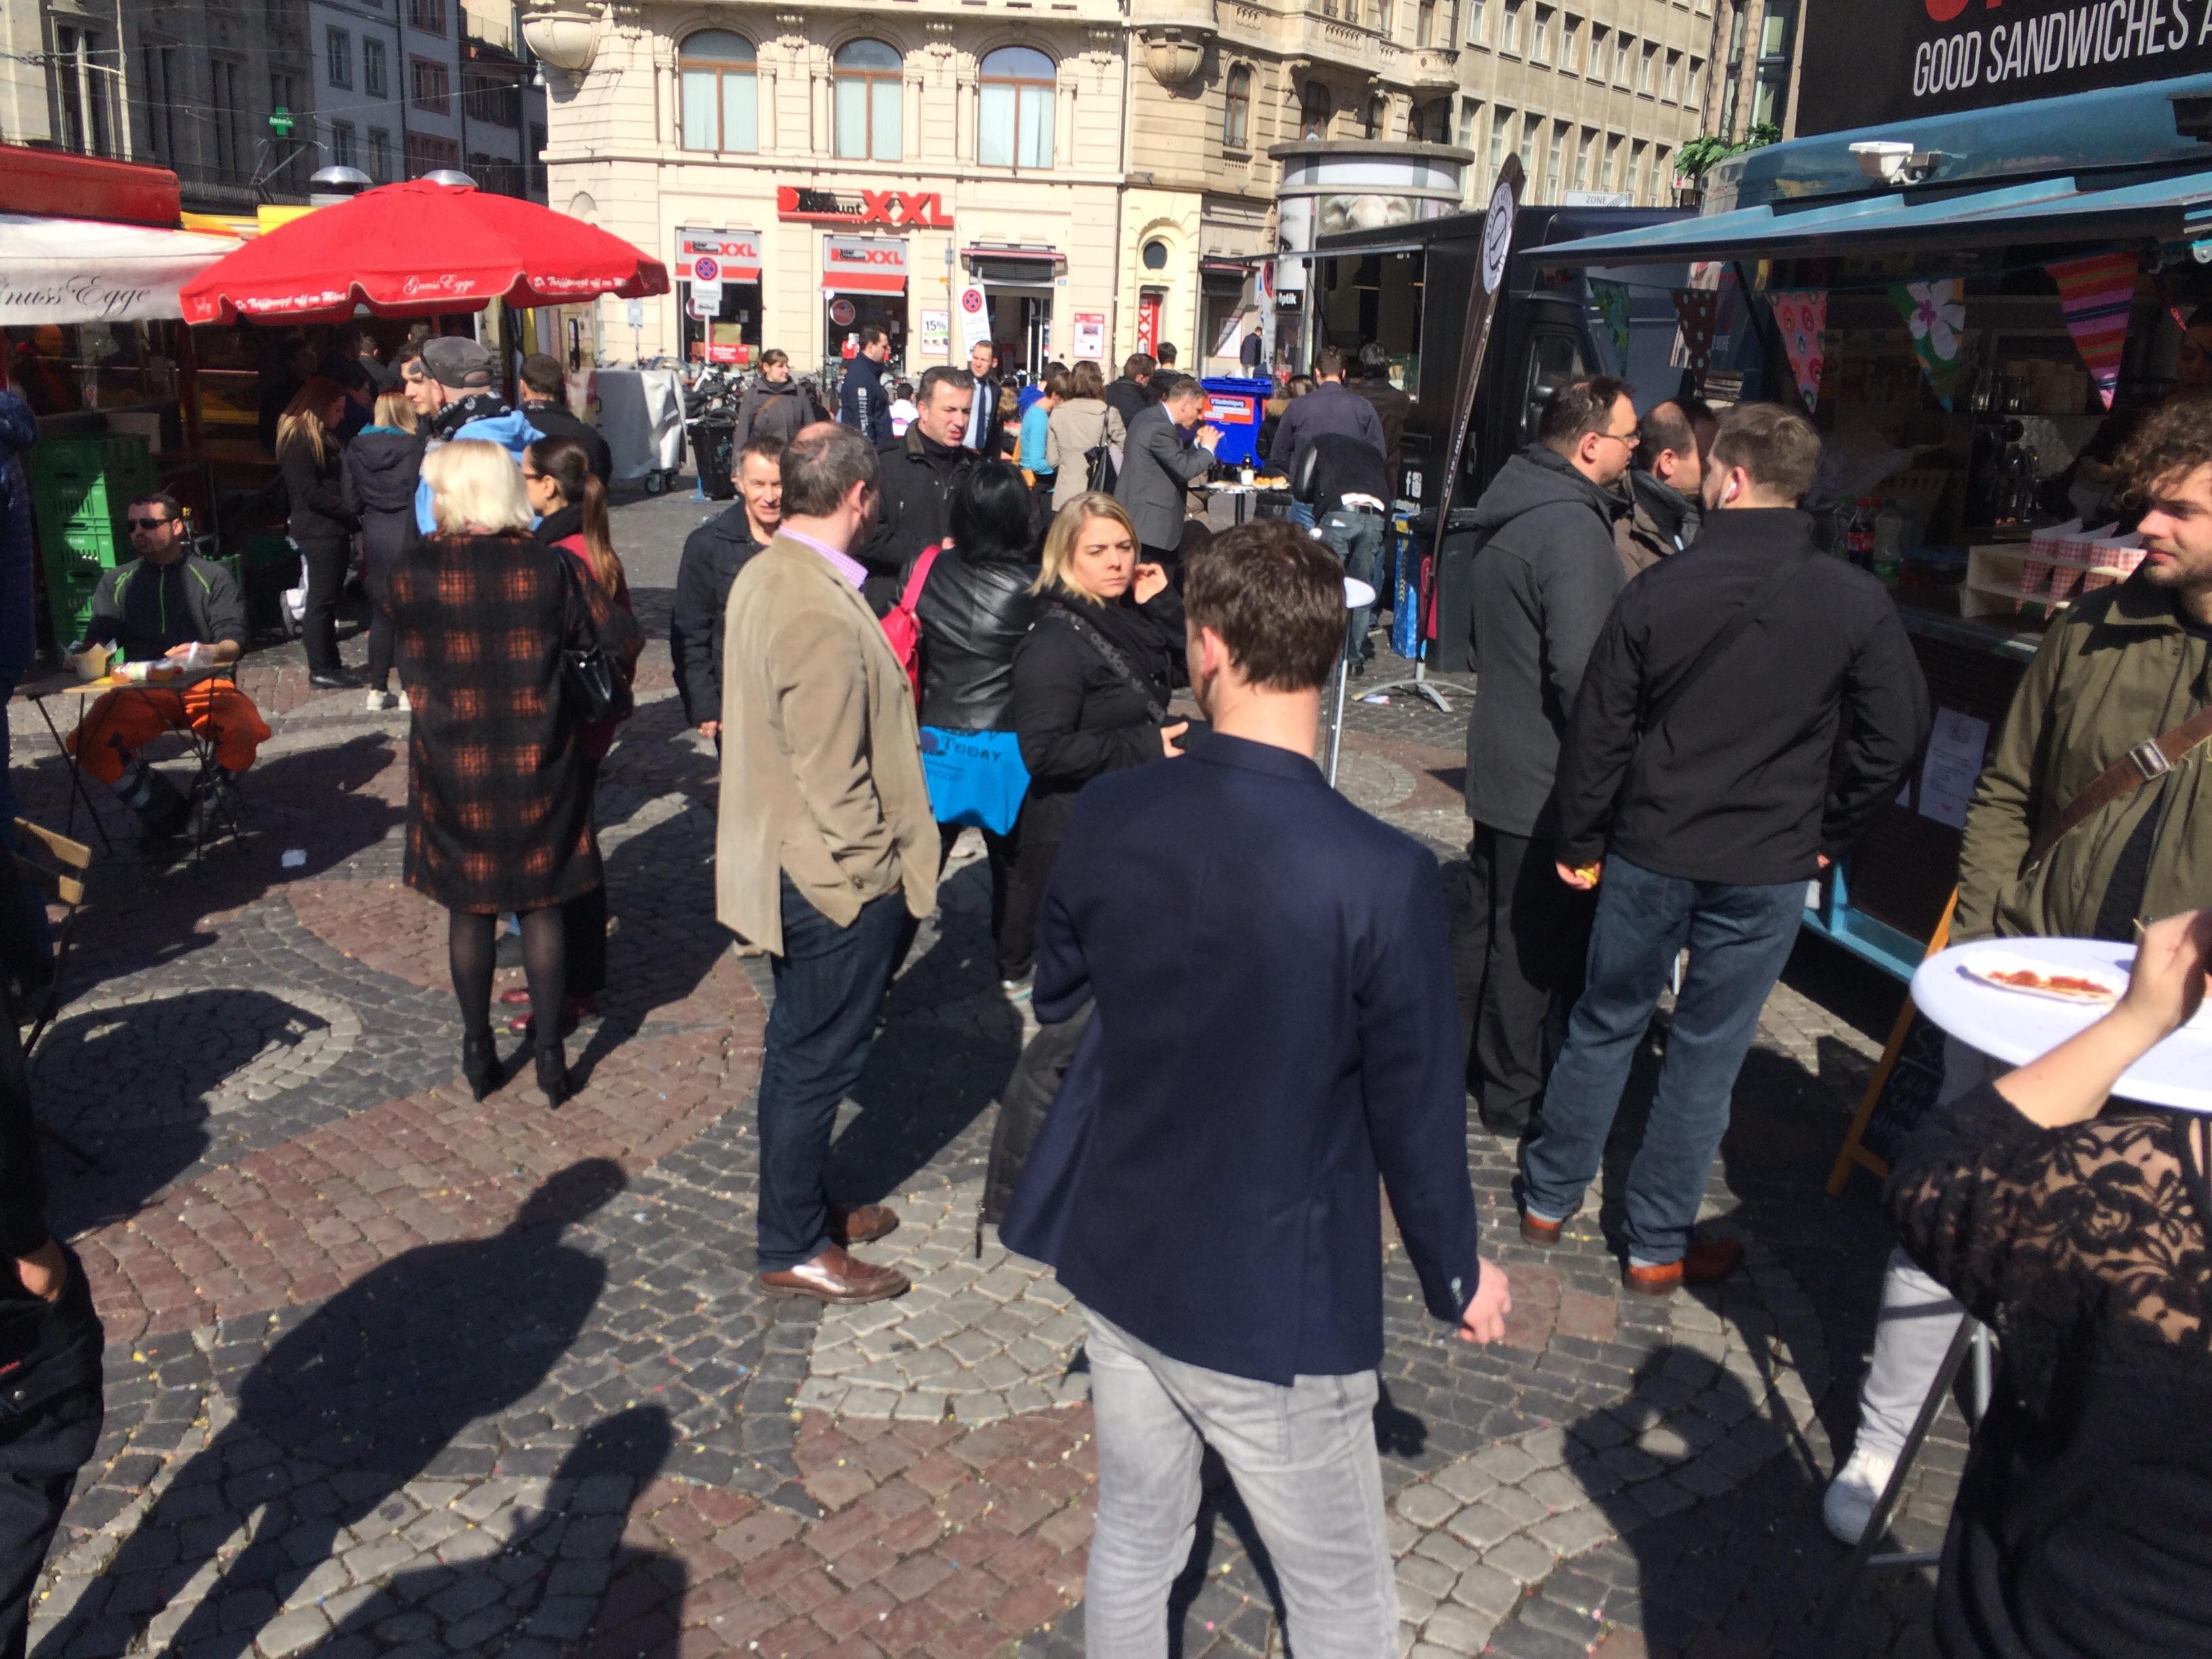 Der «Schlemmer-Markt» an seinen ersten Tag: Das Publikum reagiert neugierig.